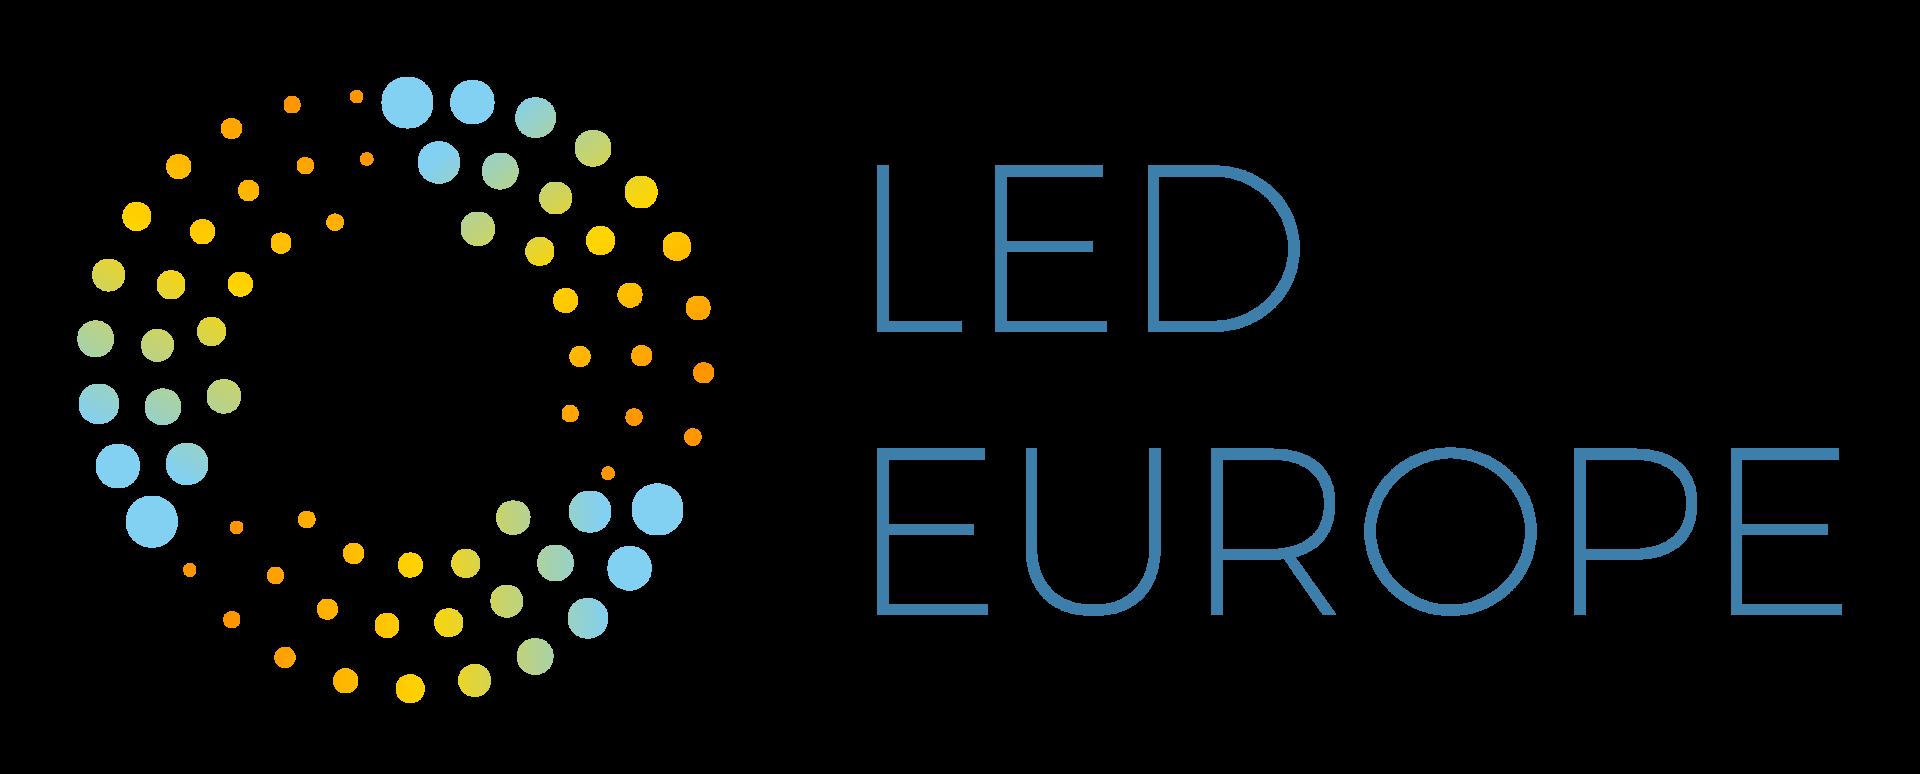 logo_led_europe_beztla.png